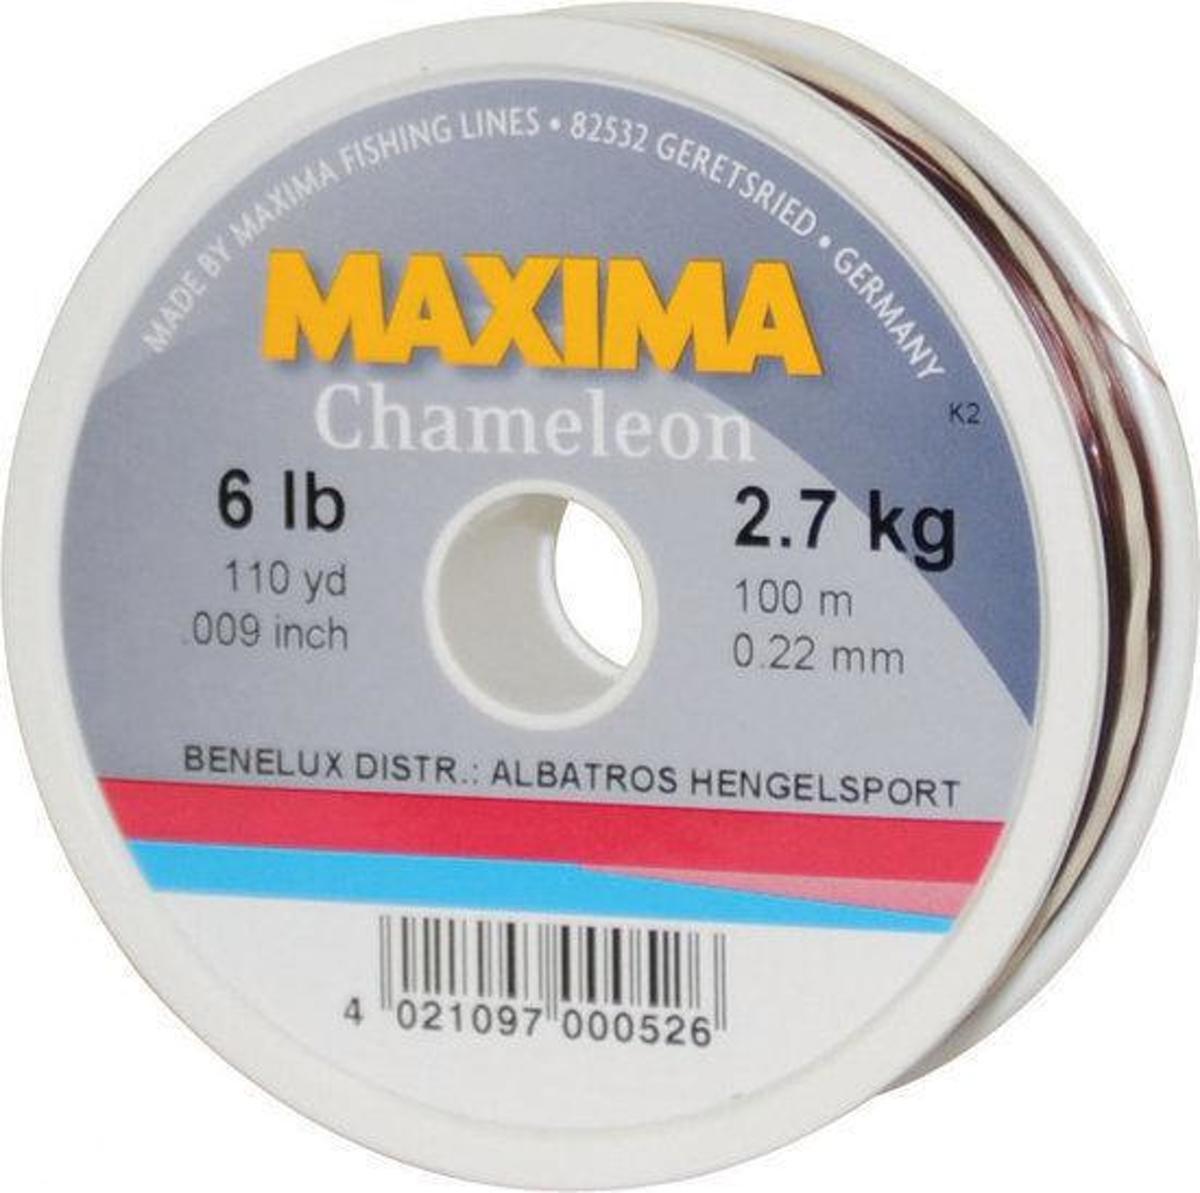 Maxima Chameleon Vislijn - 0.32 mm - 5.5 kg - 100 m